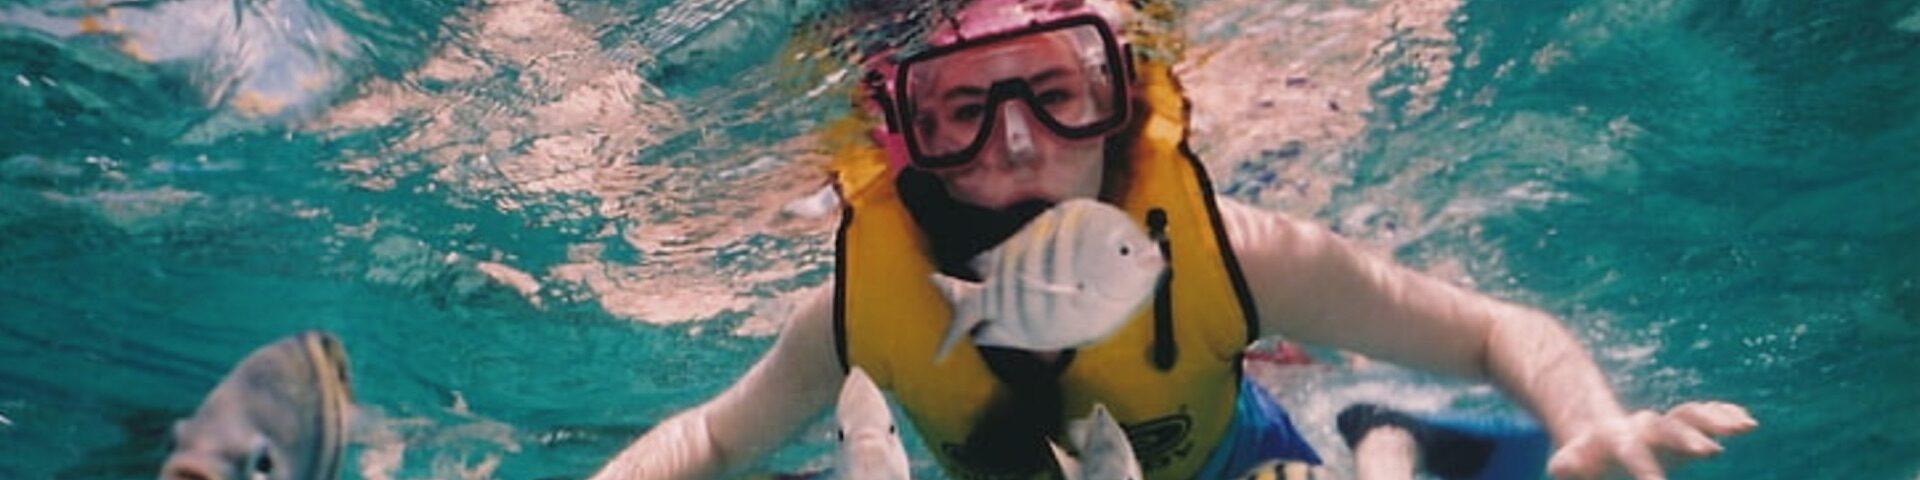 Snorkelling Gear for Kids